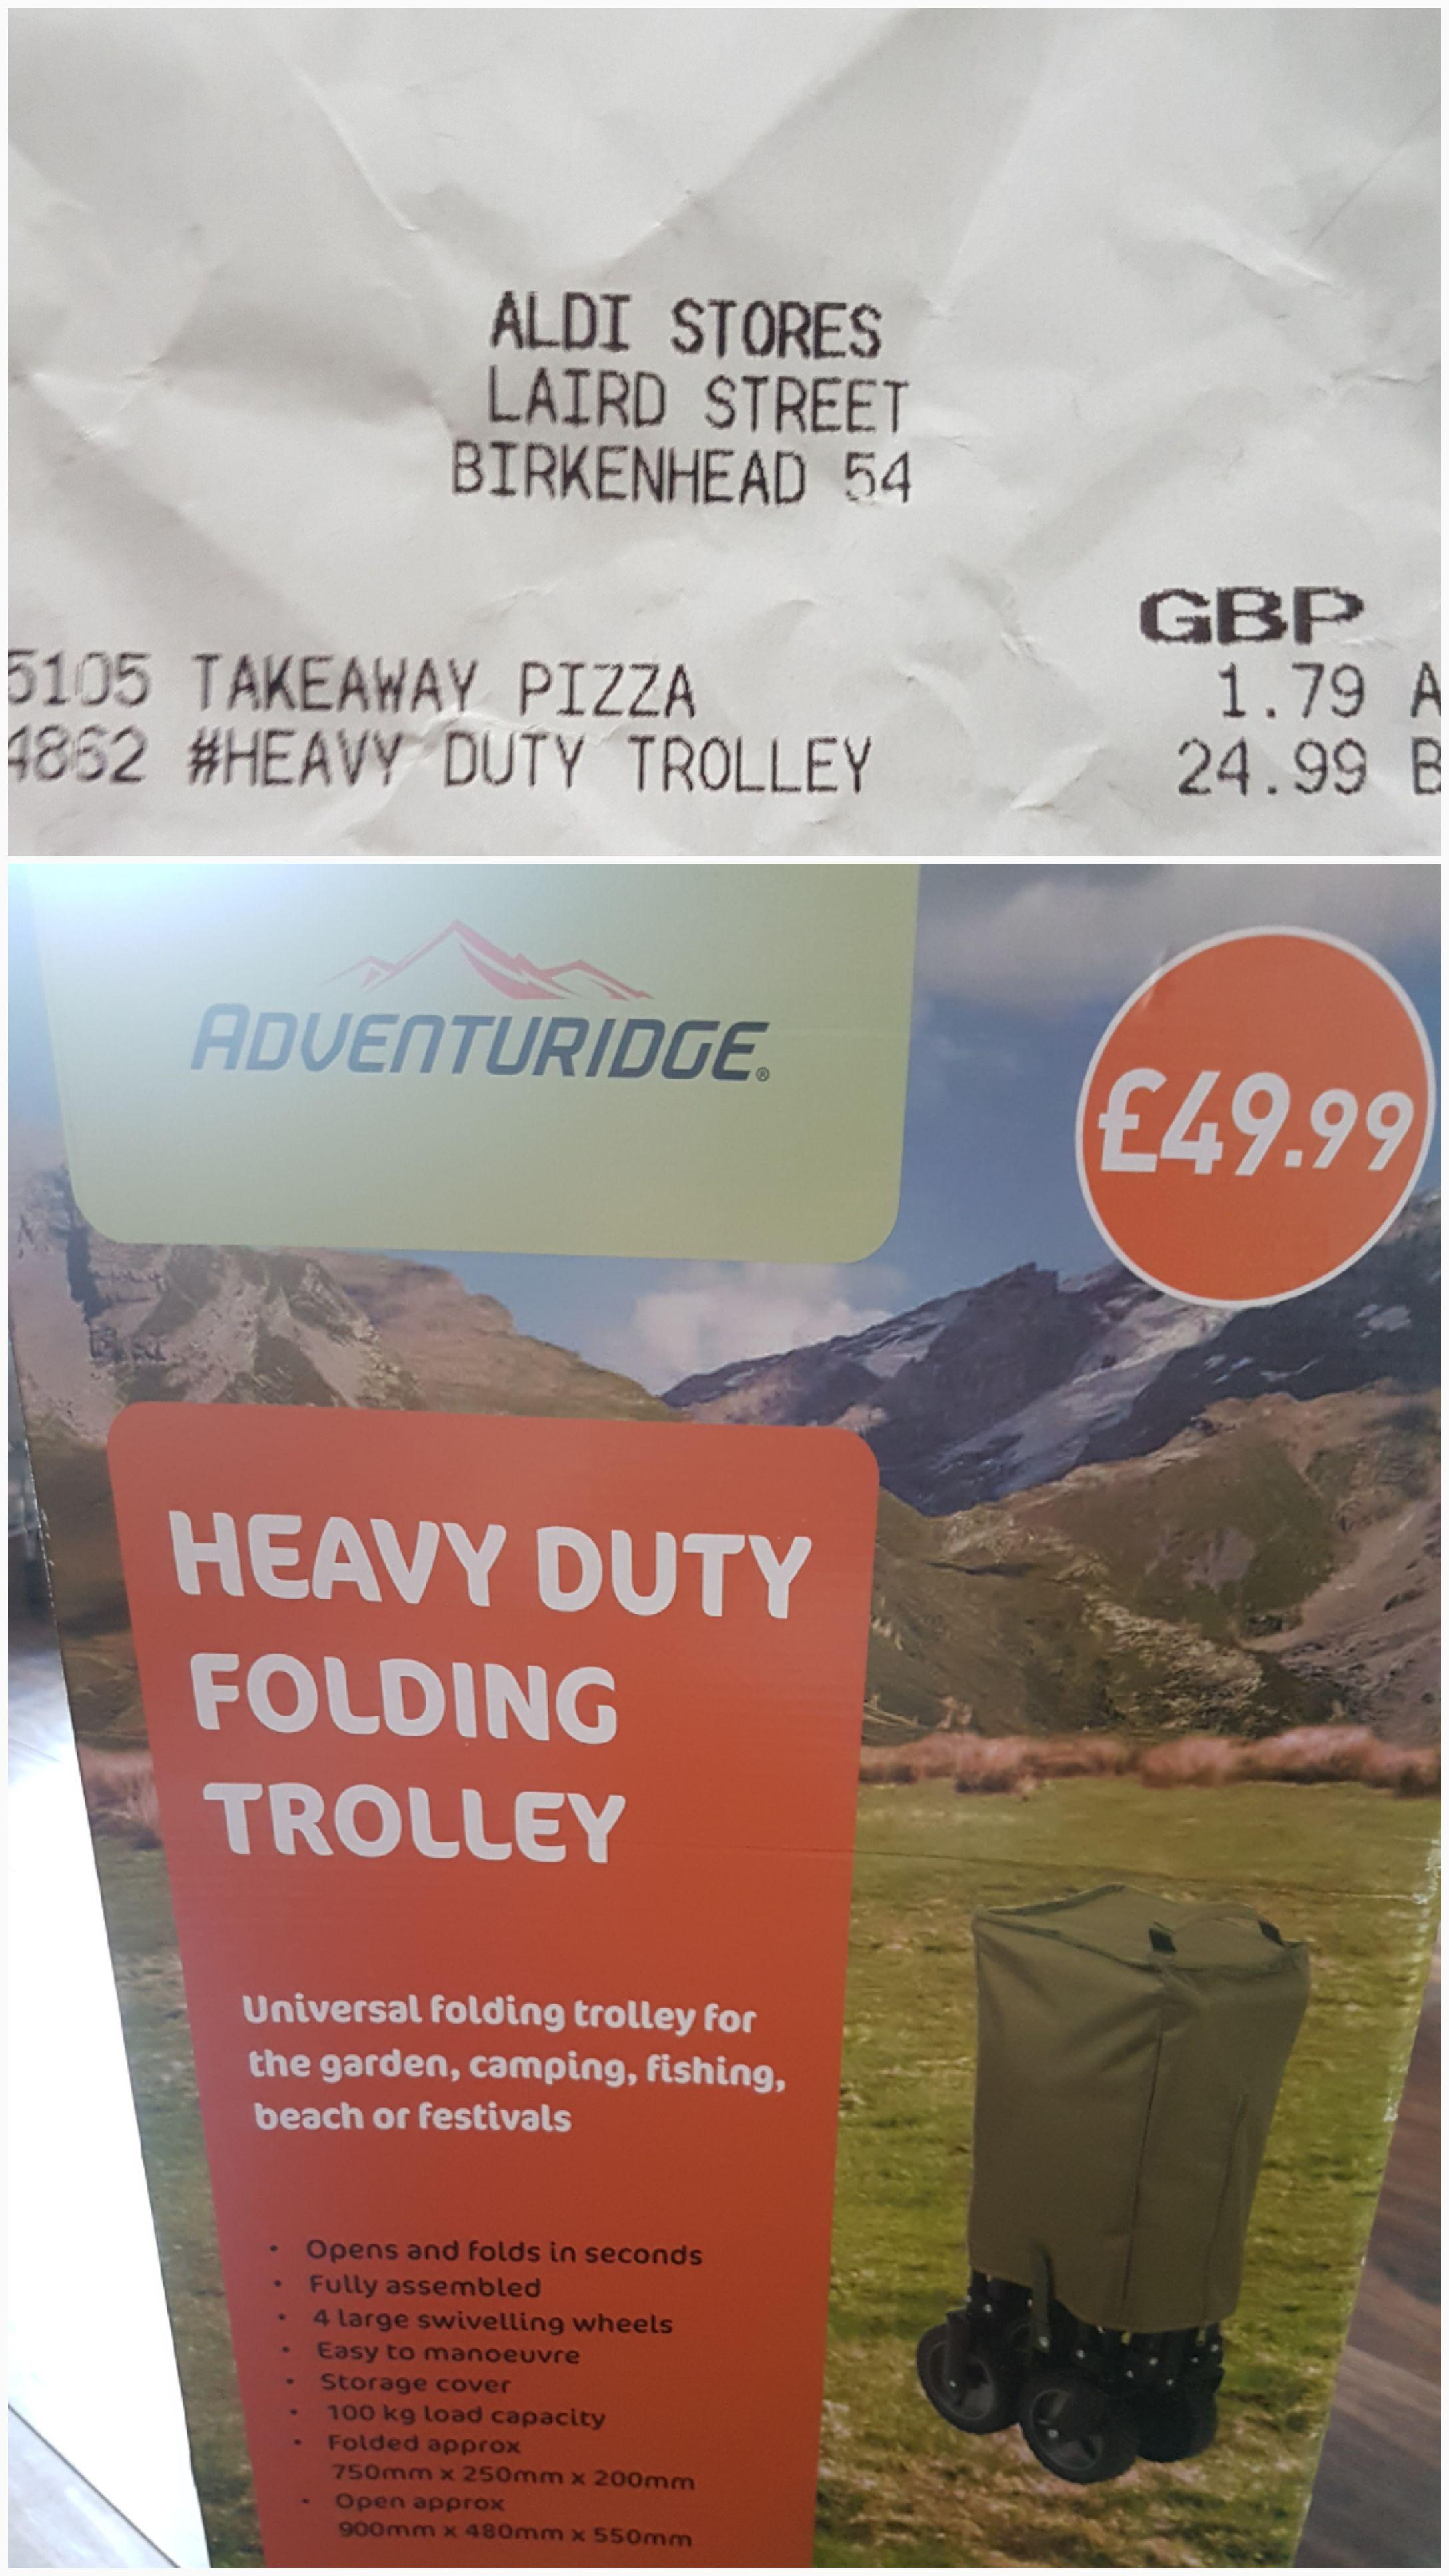 Aldi Festival Trolley - INSTORE BIRKENHEAD - WAS £49.99 NOW £24.99